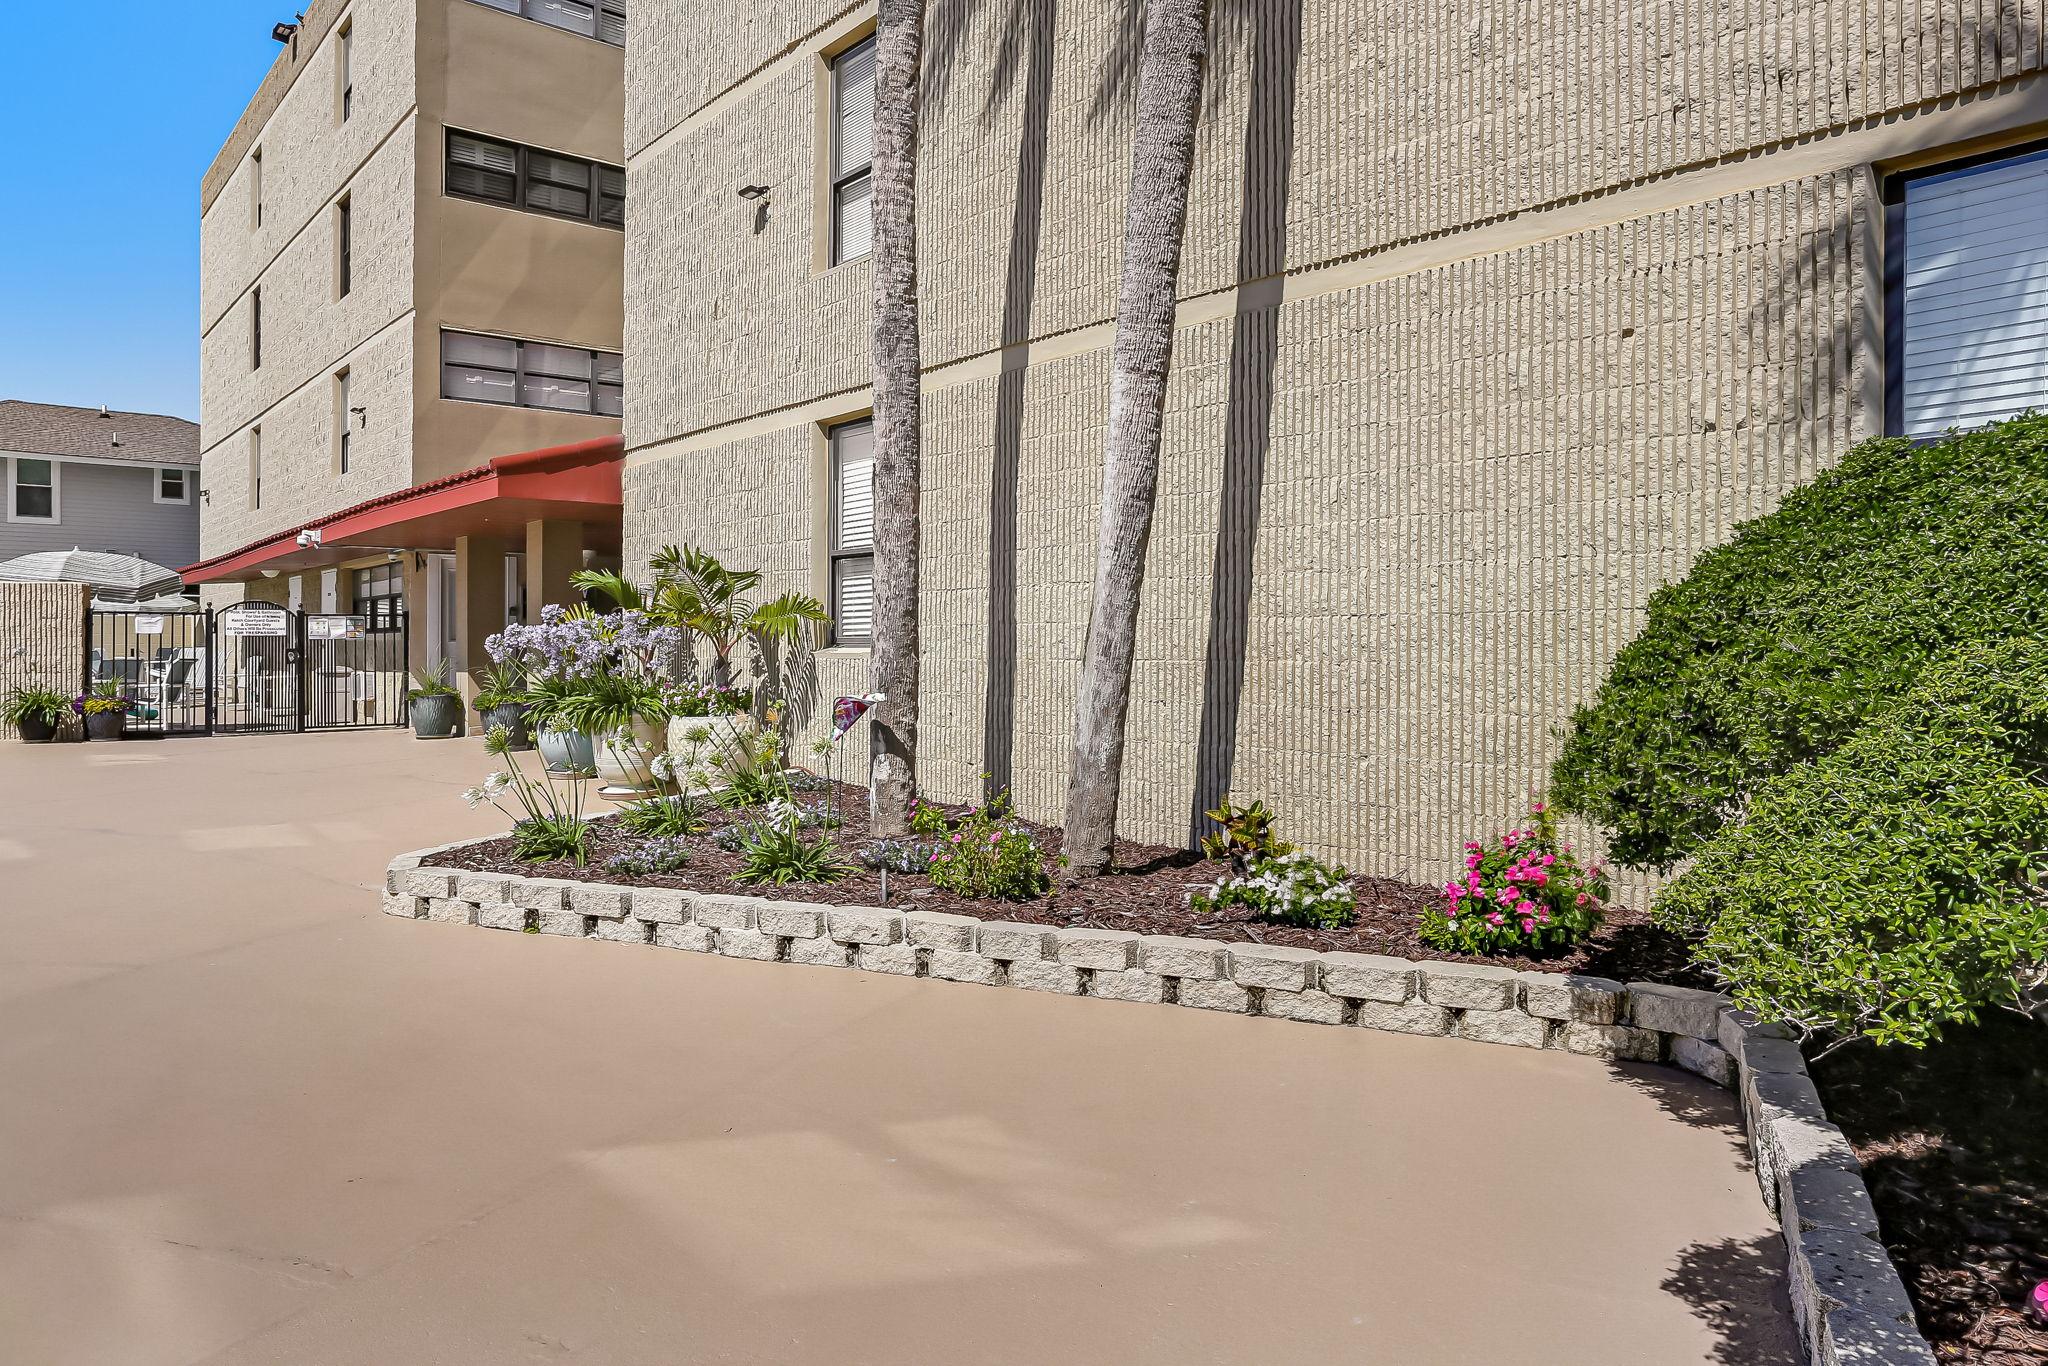 Ketch Courtyard